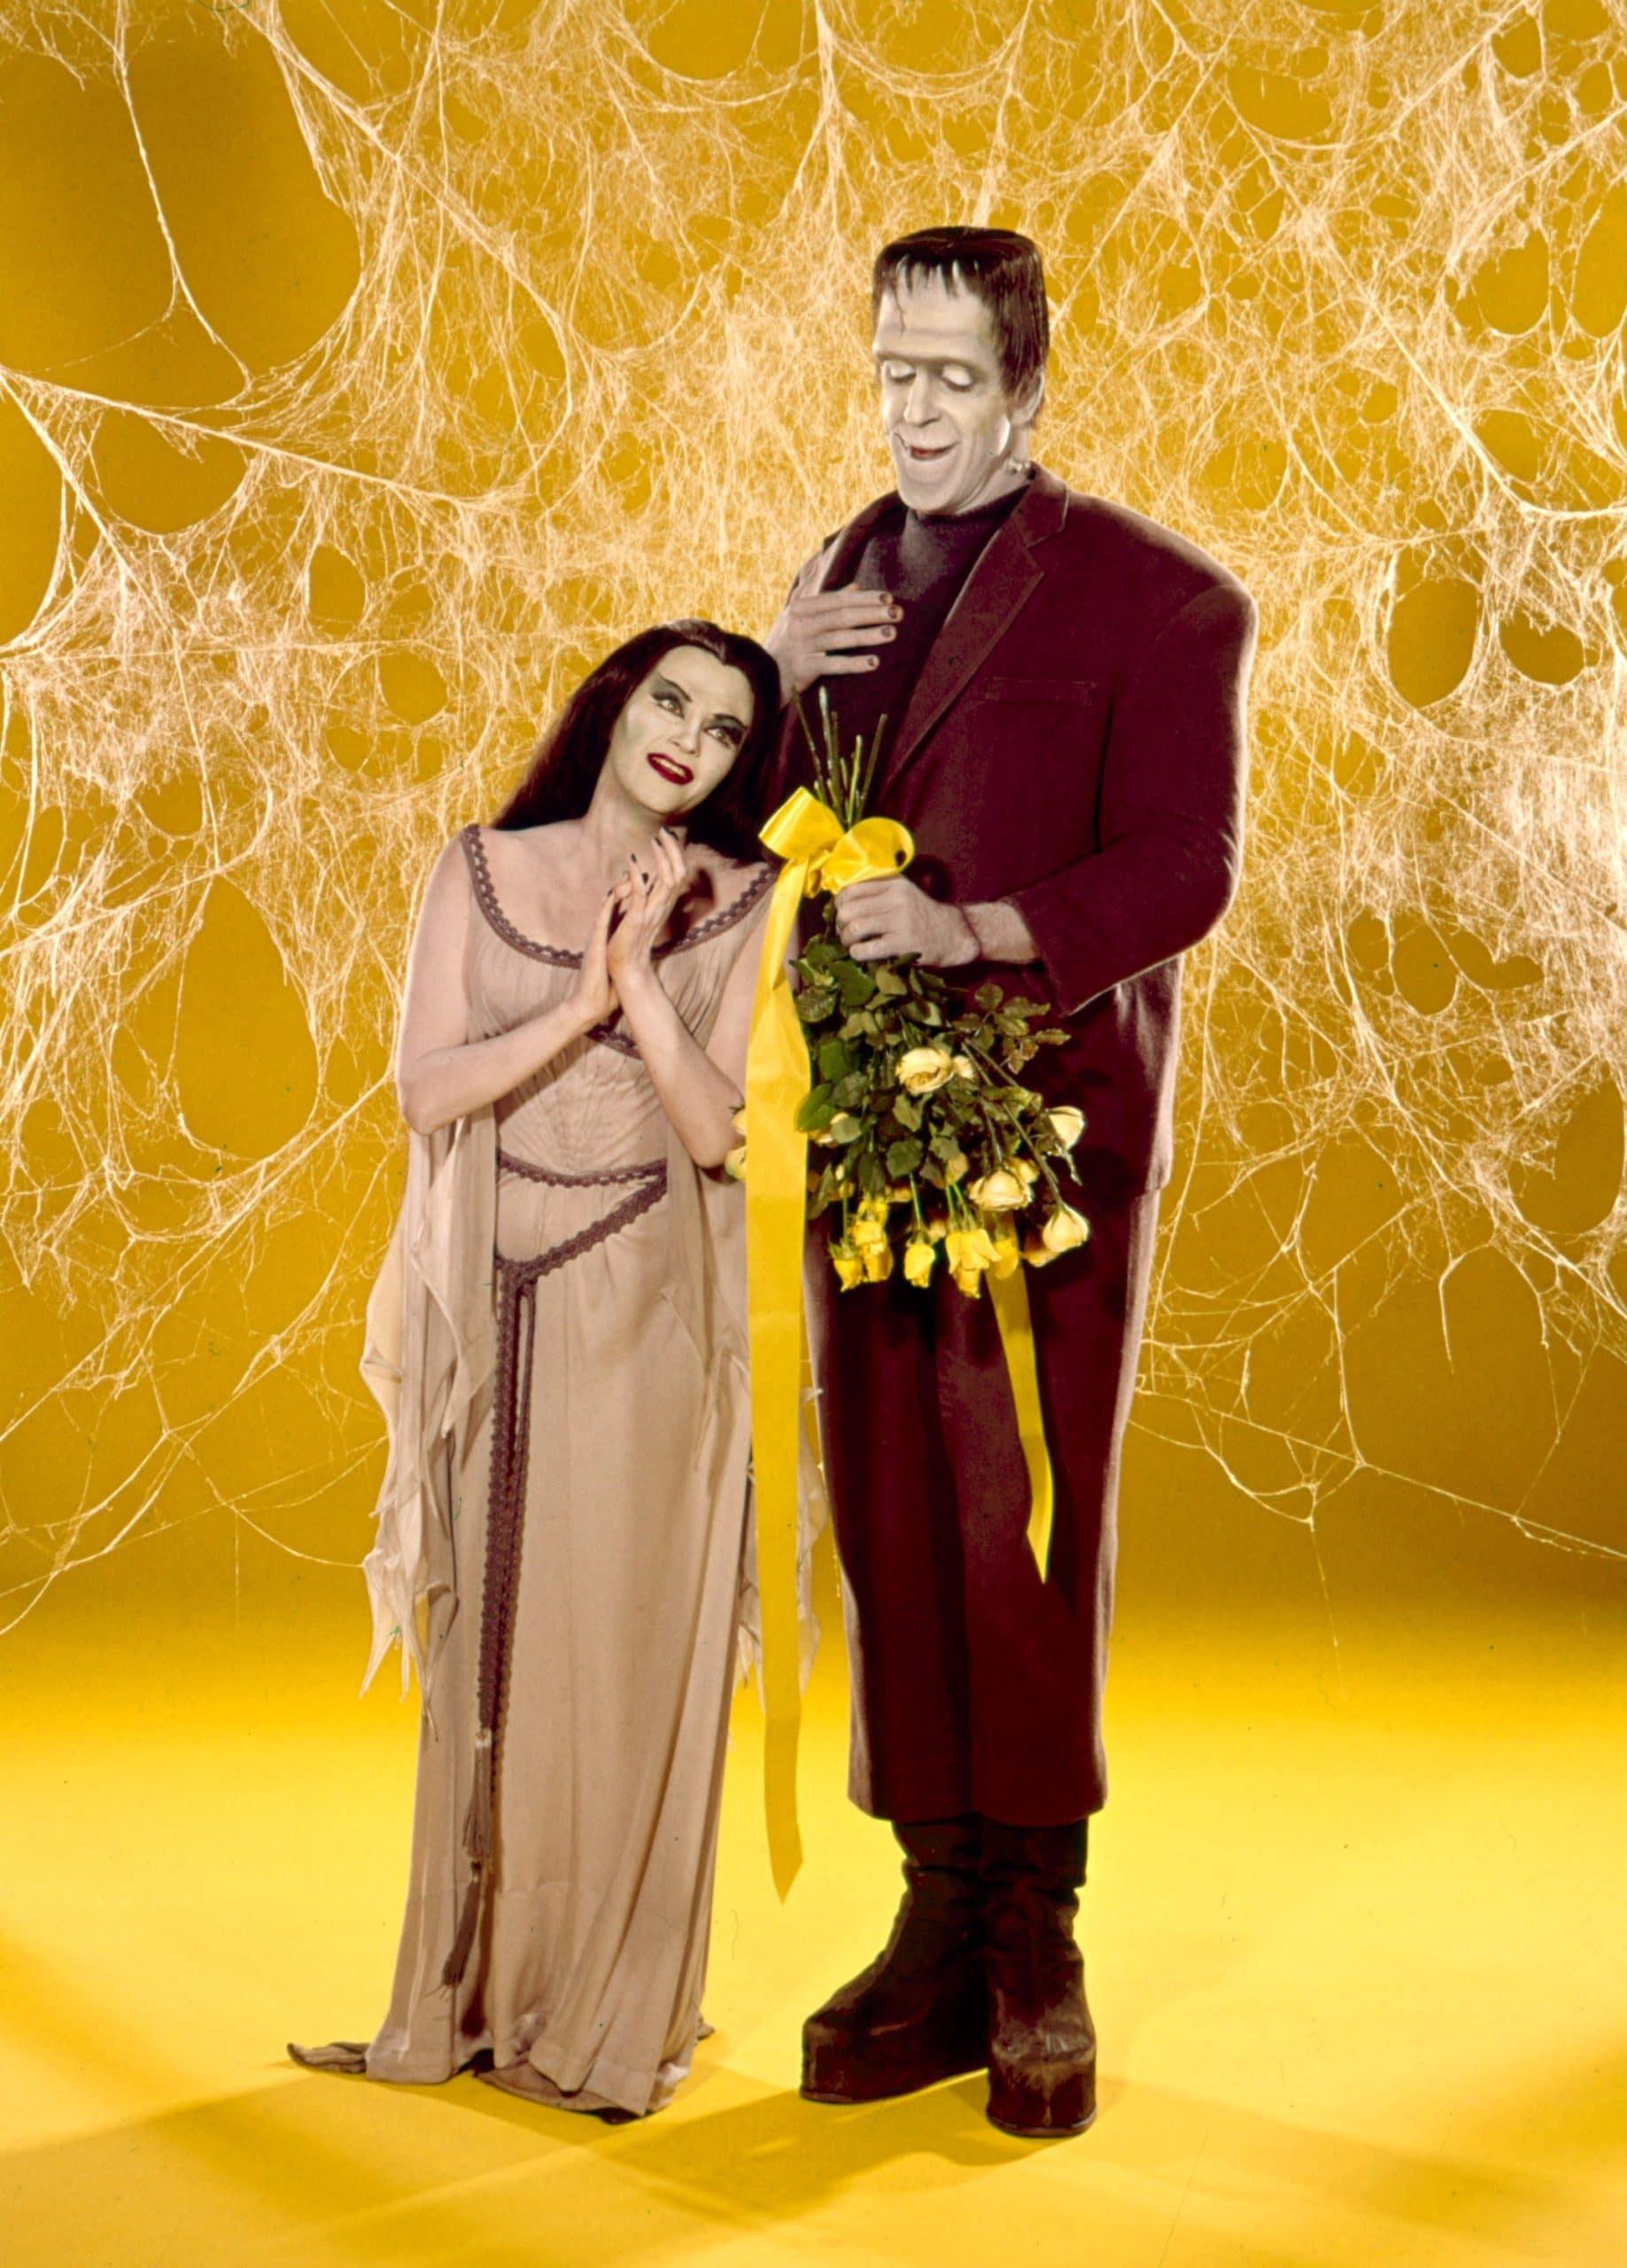 THE MUNSTERS, Yvonne De Carlo, Fred Gwynne, 1964-66